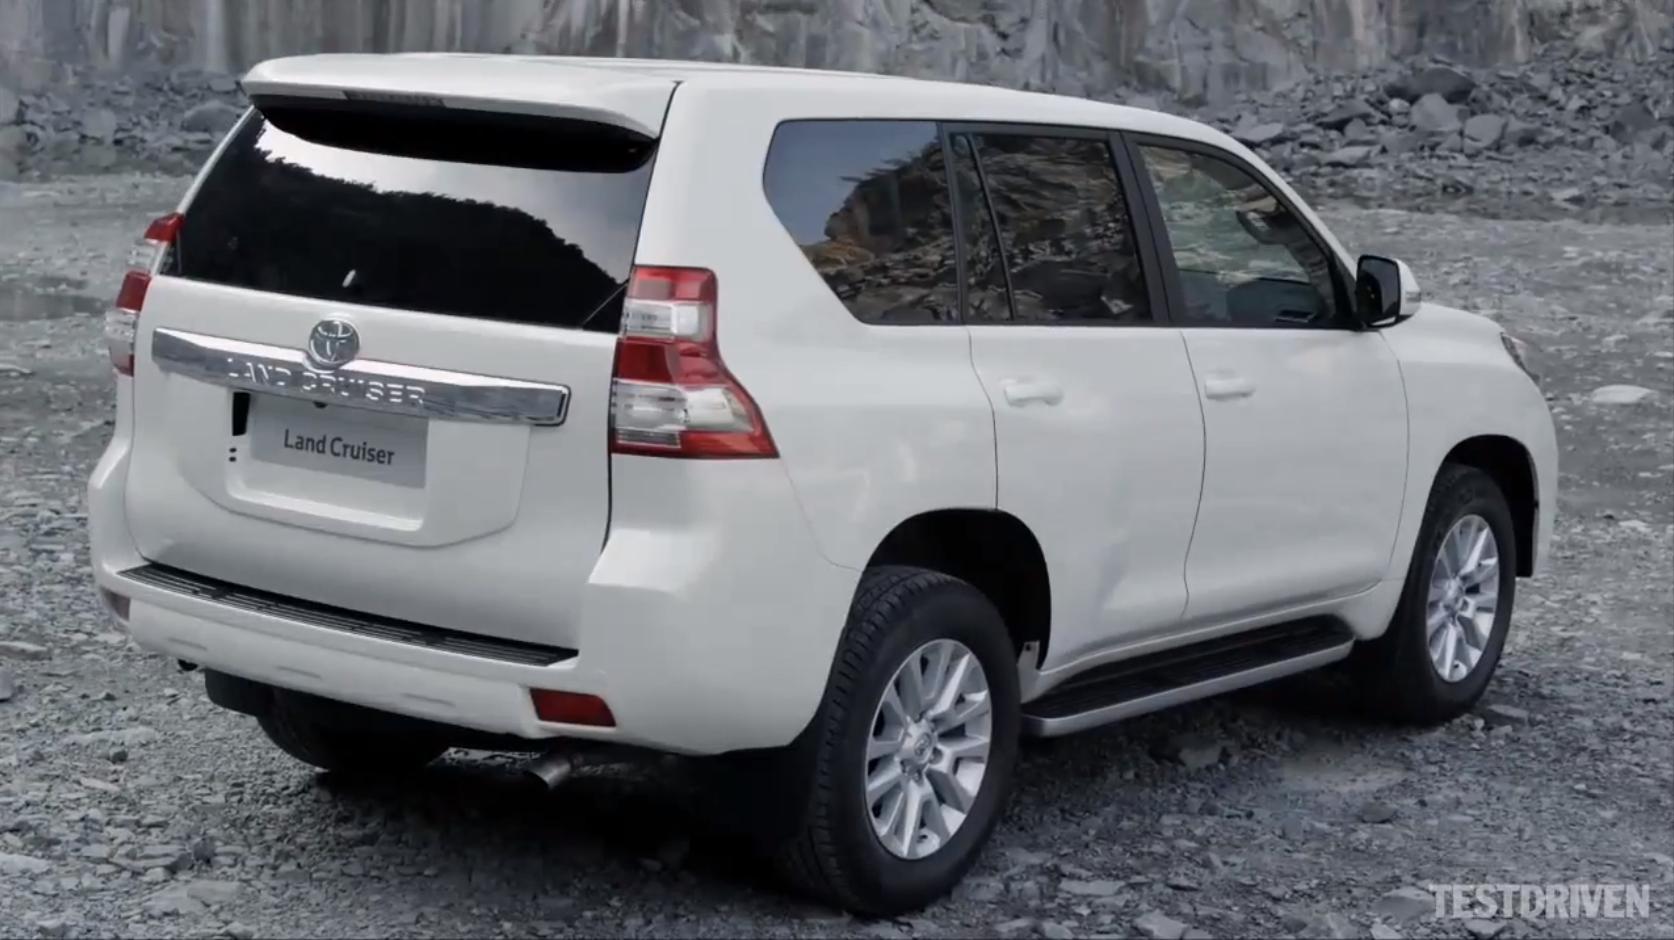 Toyota Land Cruiser Prado Makes Video Debut - Video